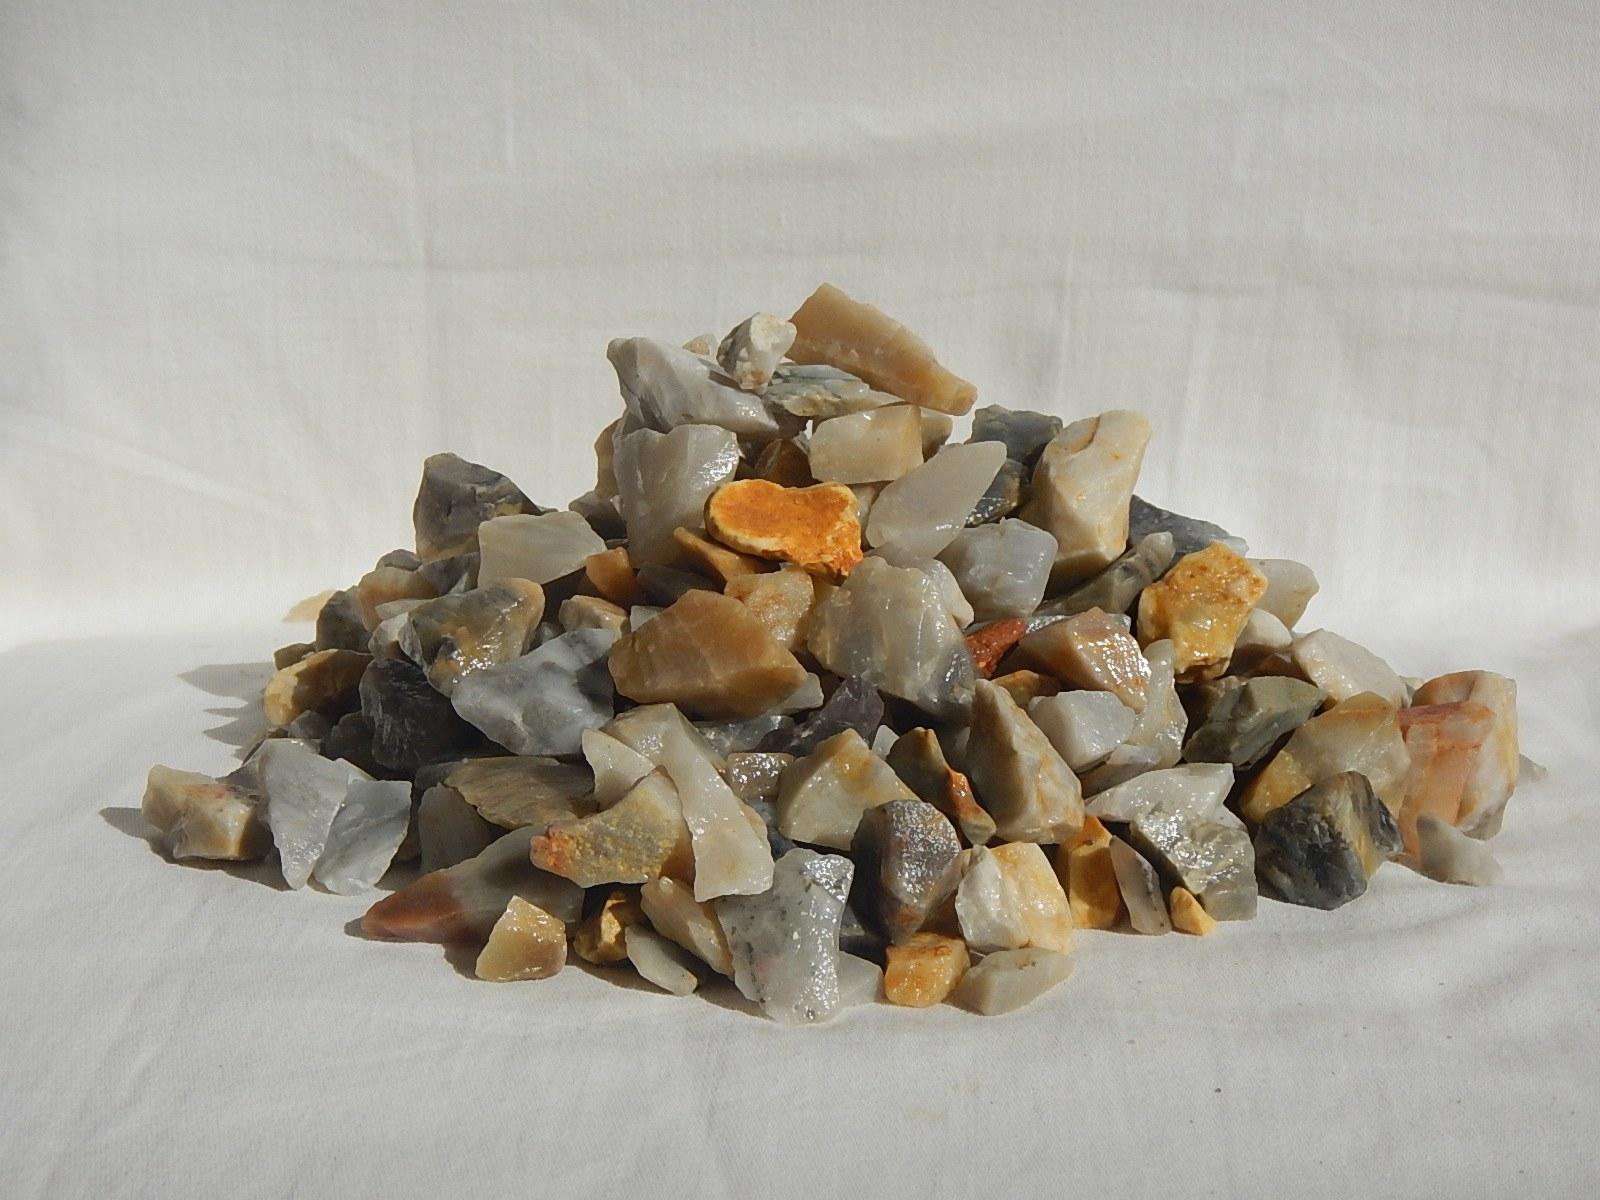 Stones, Pebbles & Gravel